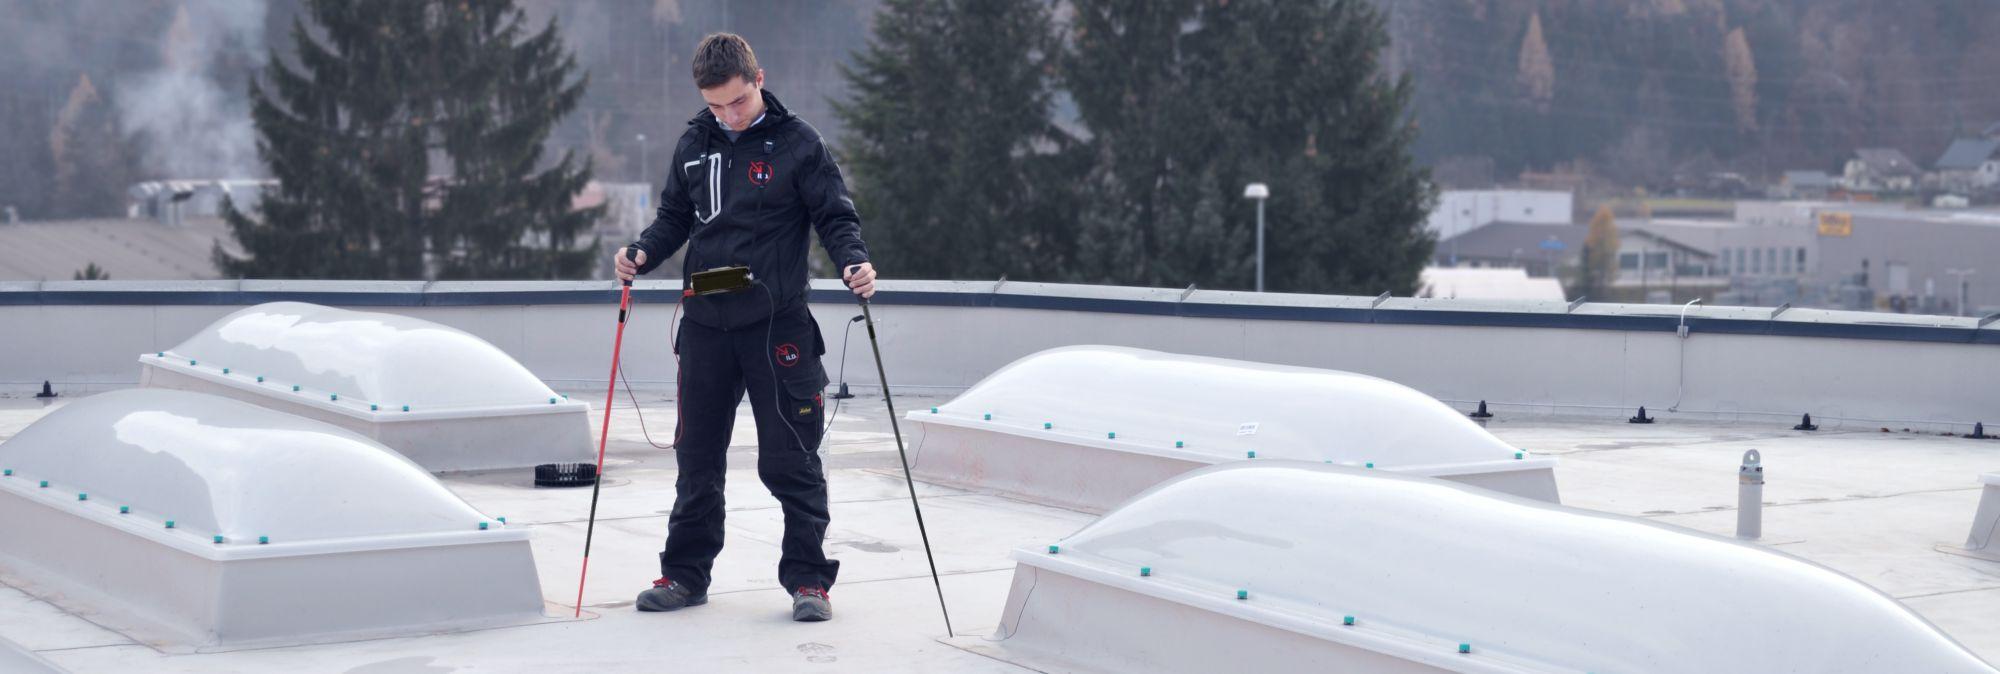 vzdrževanje strehe